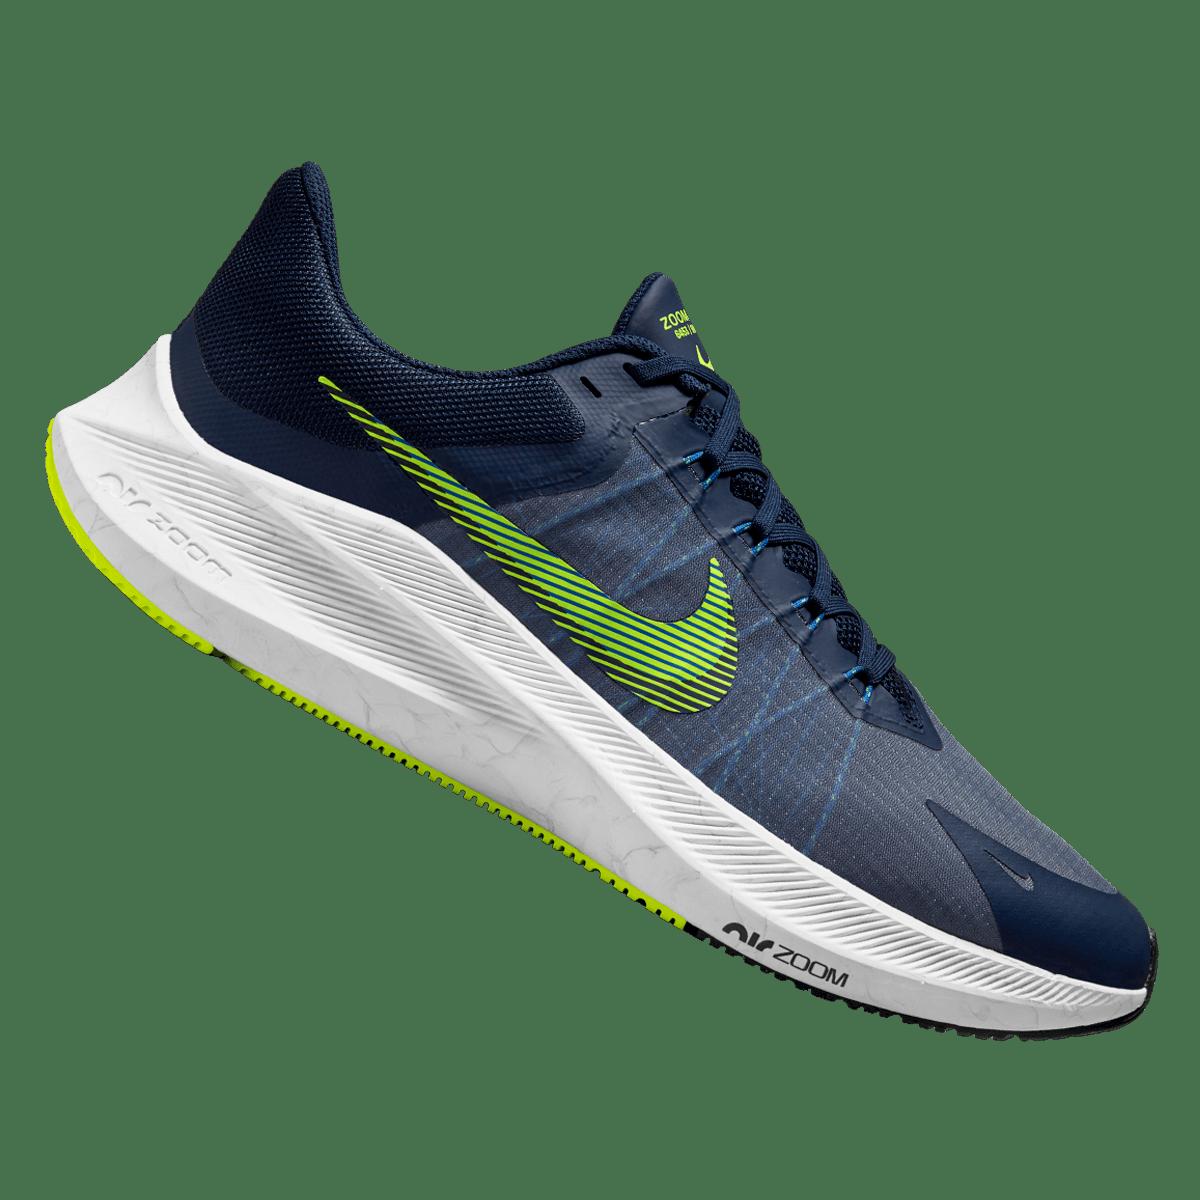 Chaussure de running Nike Air Zoom Winflo 8 bleu foncé / vert fluo